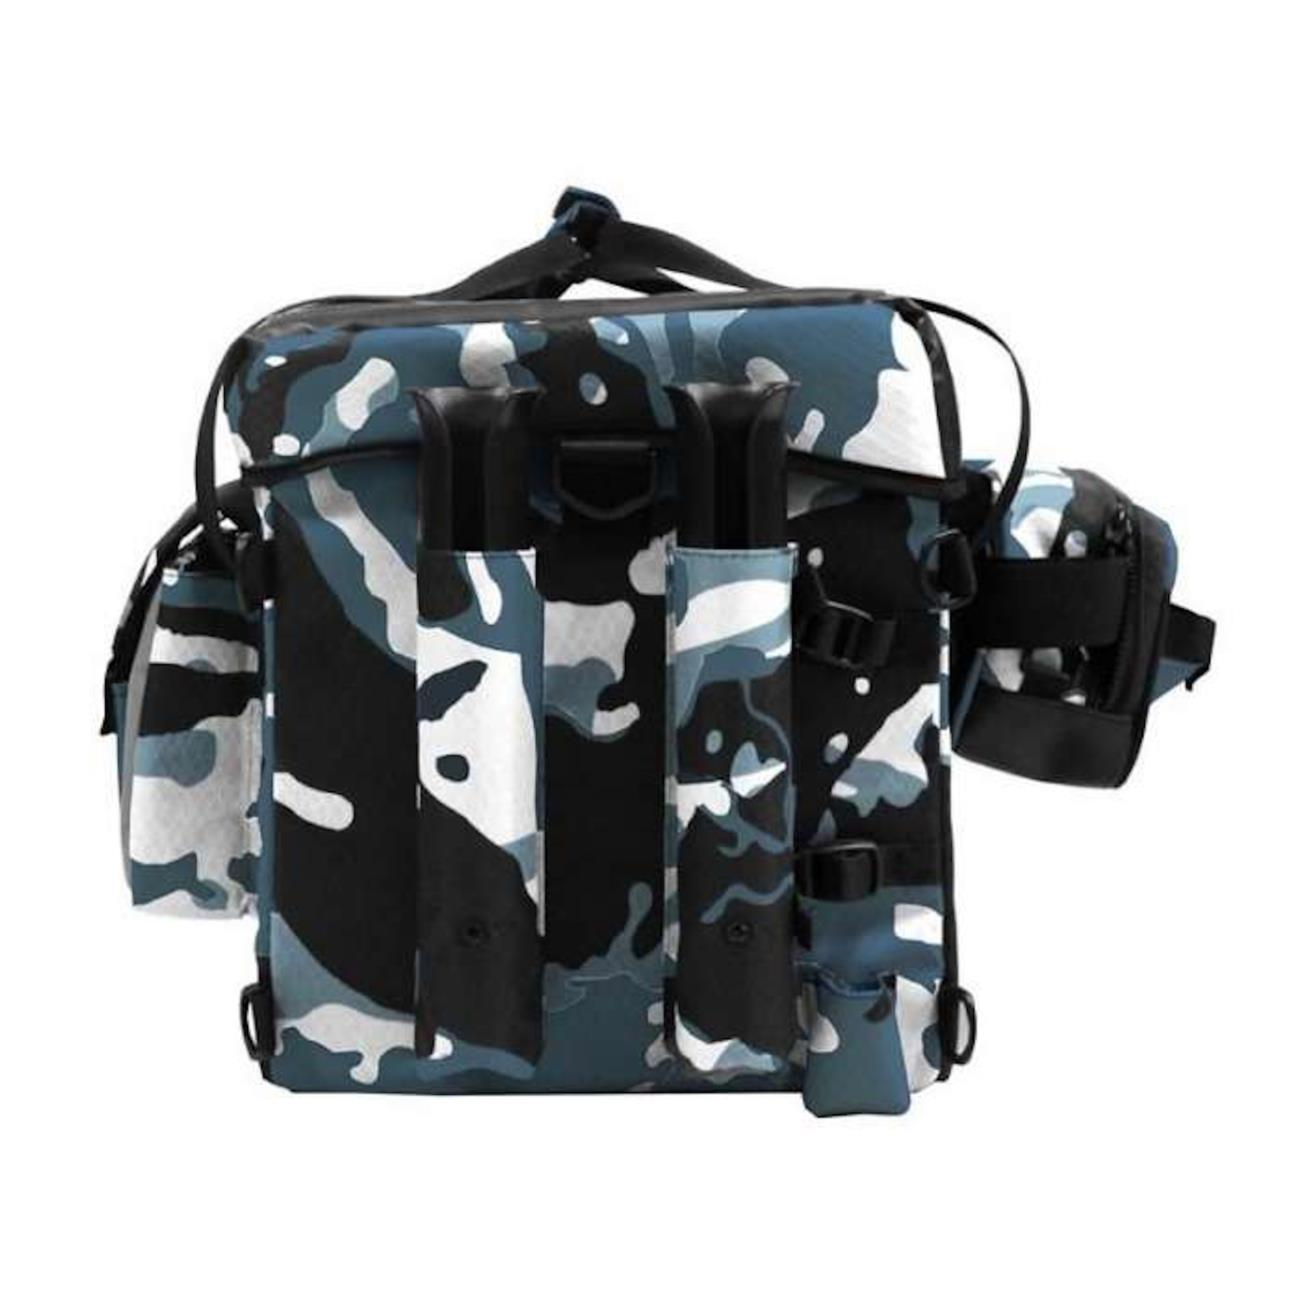 https://feelfreekayak.eu/1103-small_default/crate-bag-blue-camo.jpg